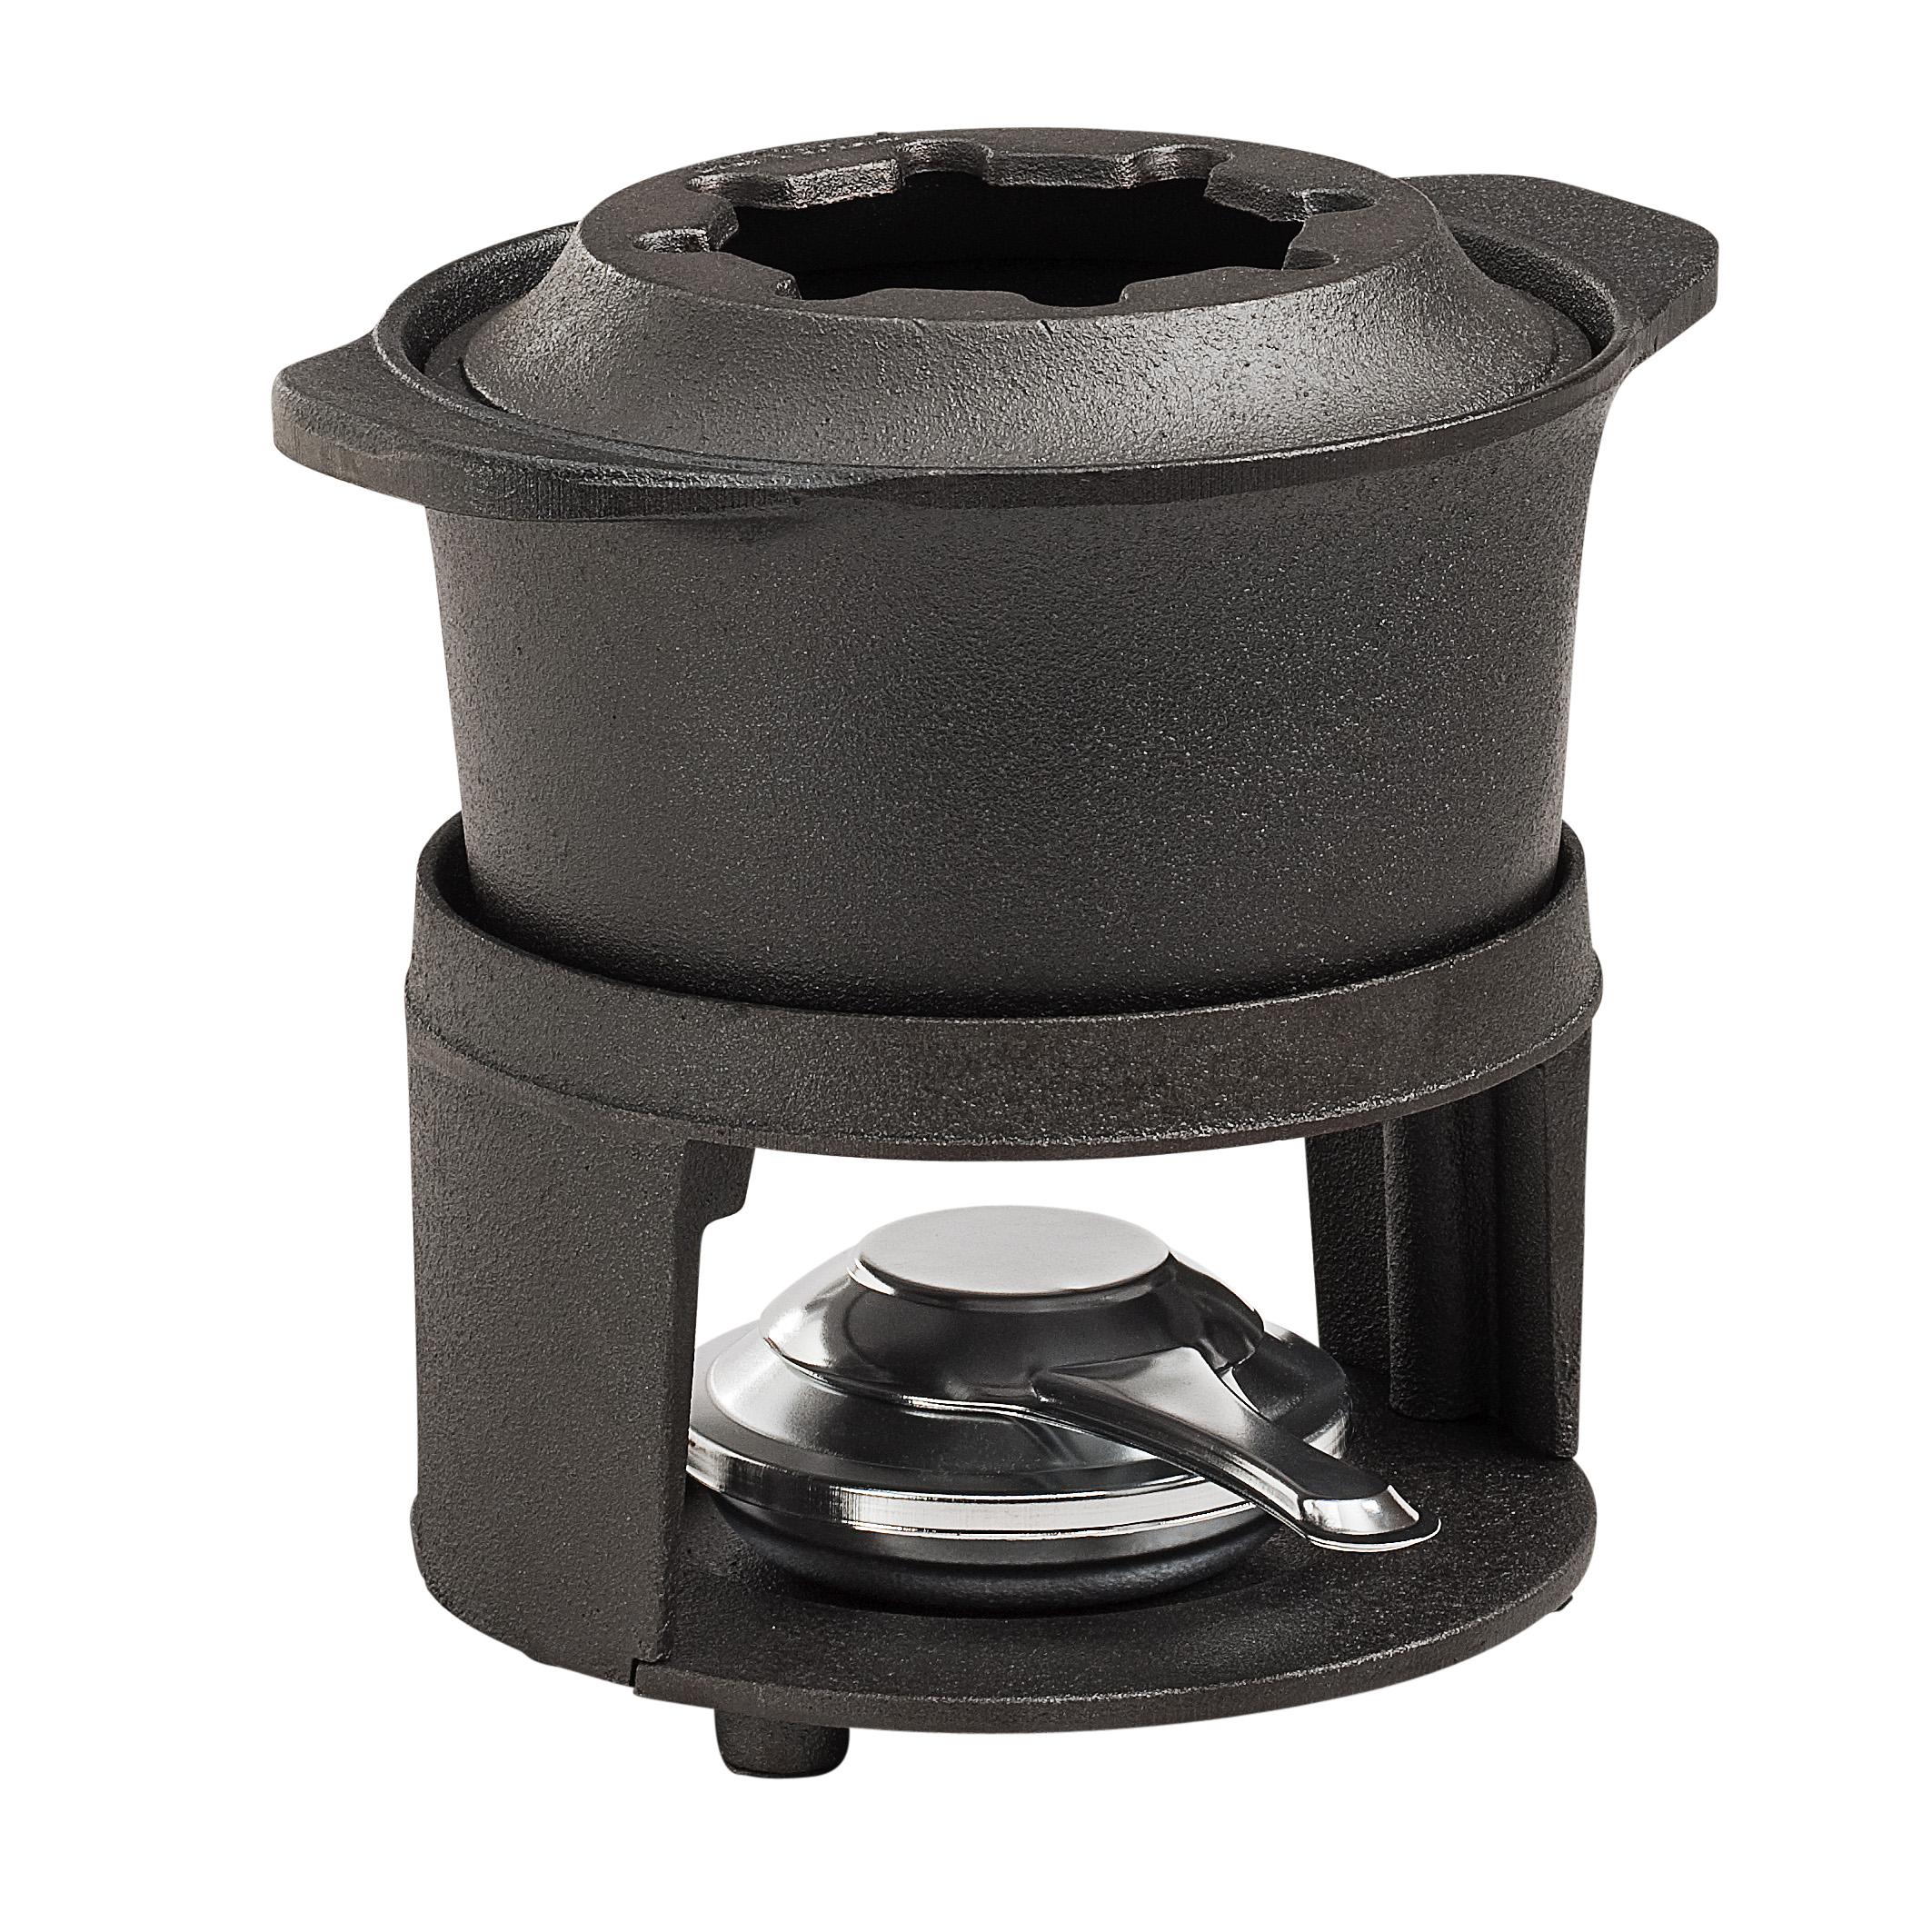 Fondueset med Kombibrännare utan lock 15 liter